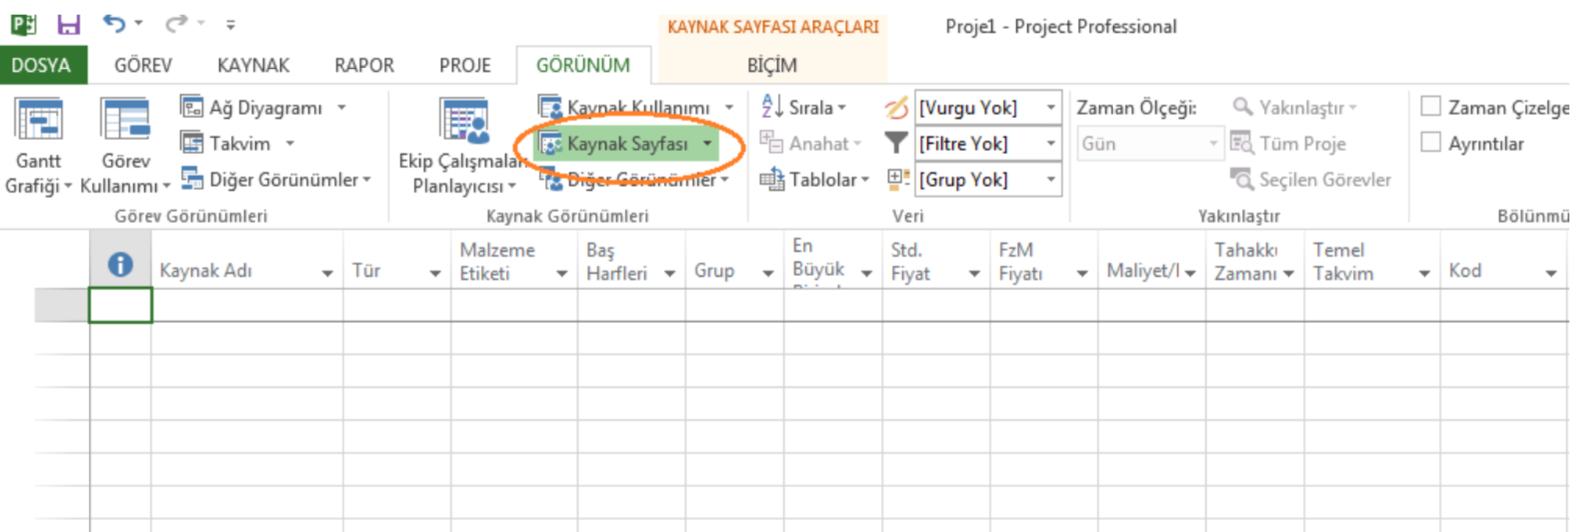 Microsoft Project Kaynak Yönetimi